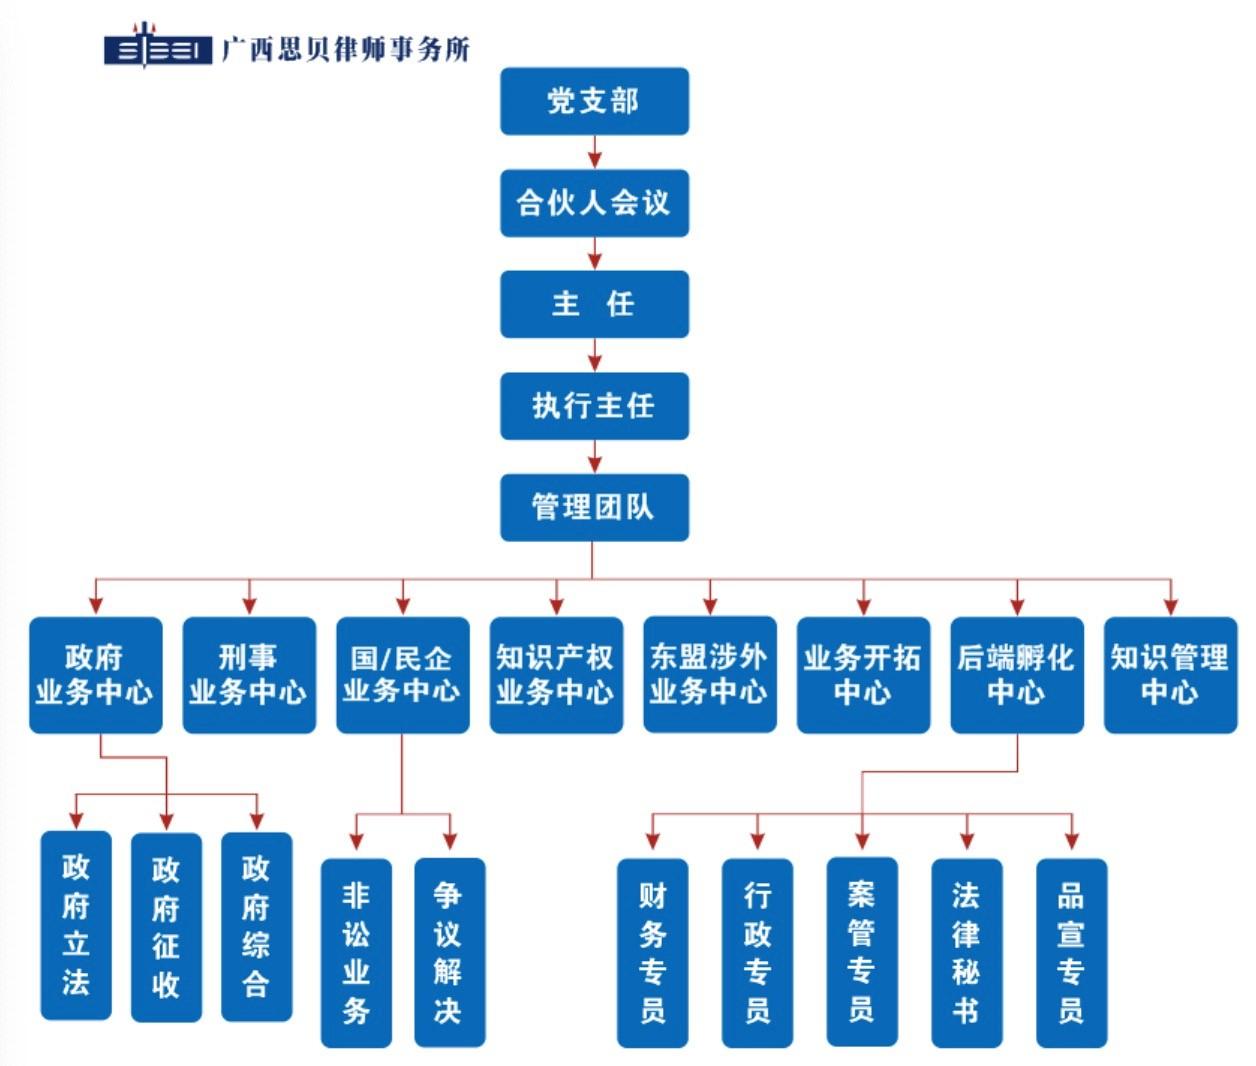 律师组织架构图.jpg